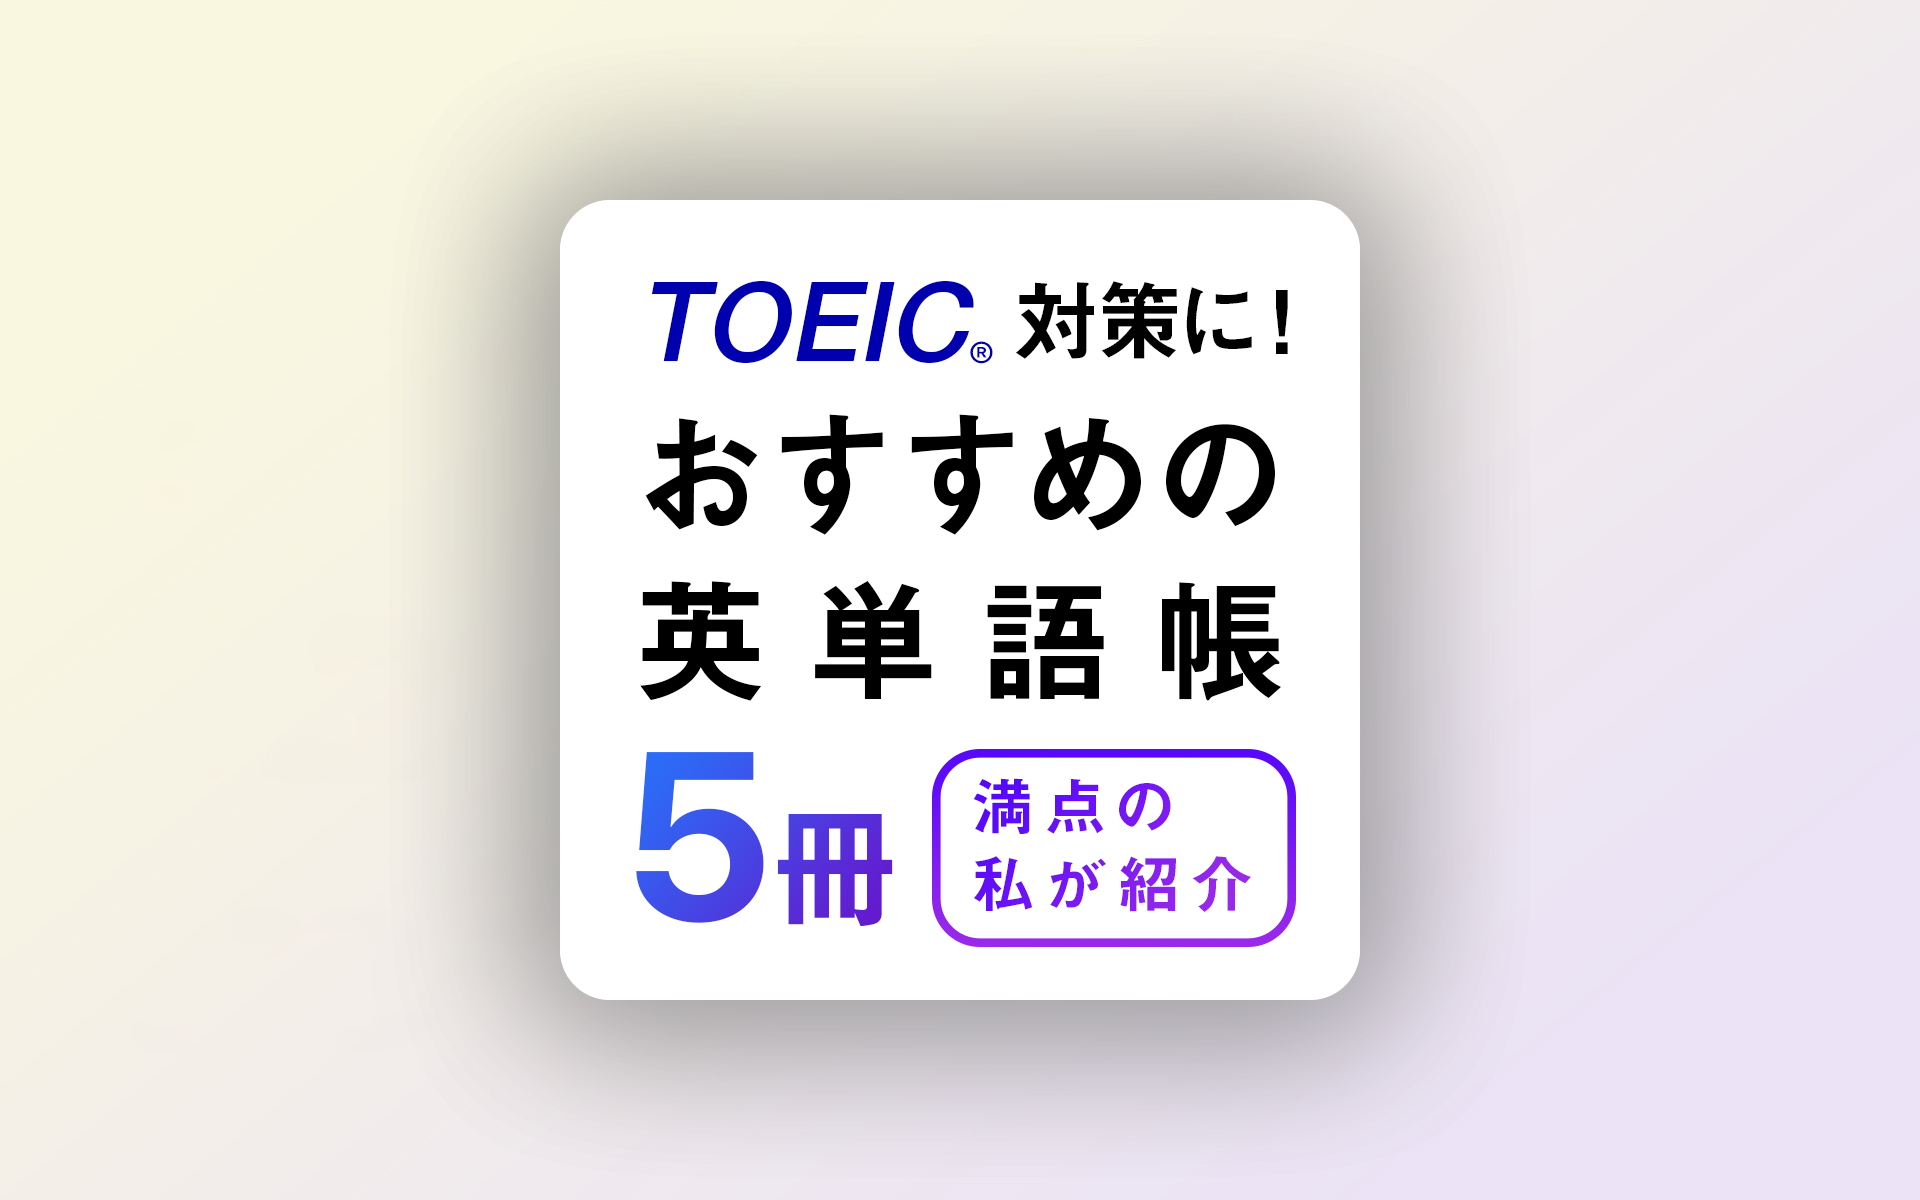 Toeic 単語 帳 おすすめ